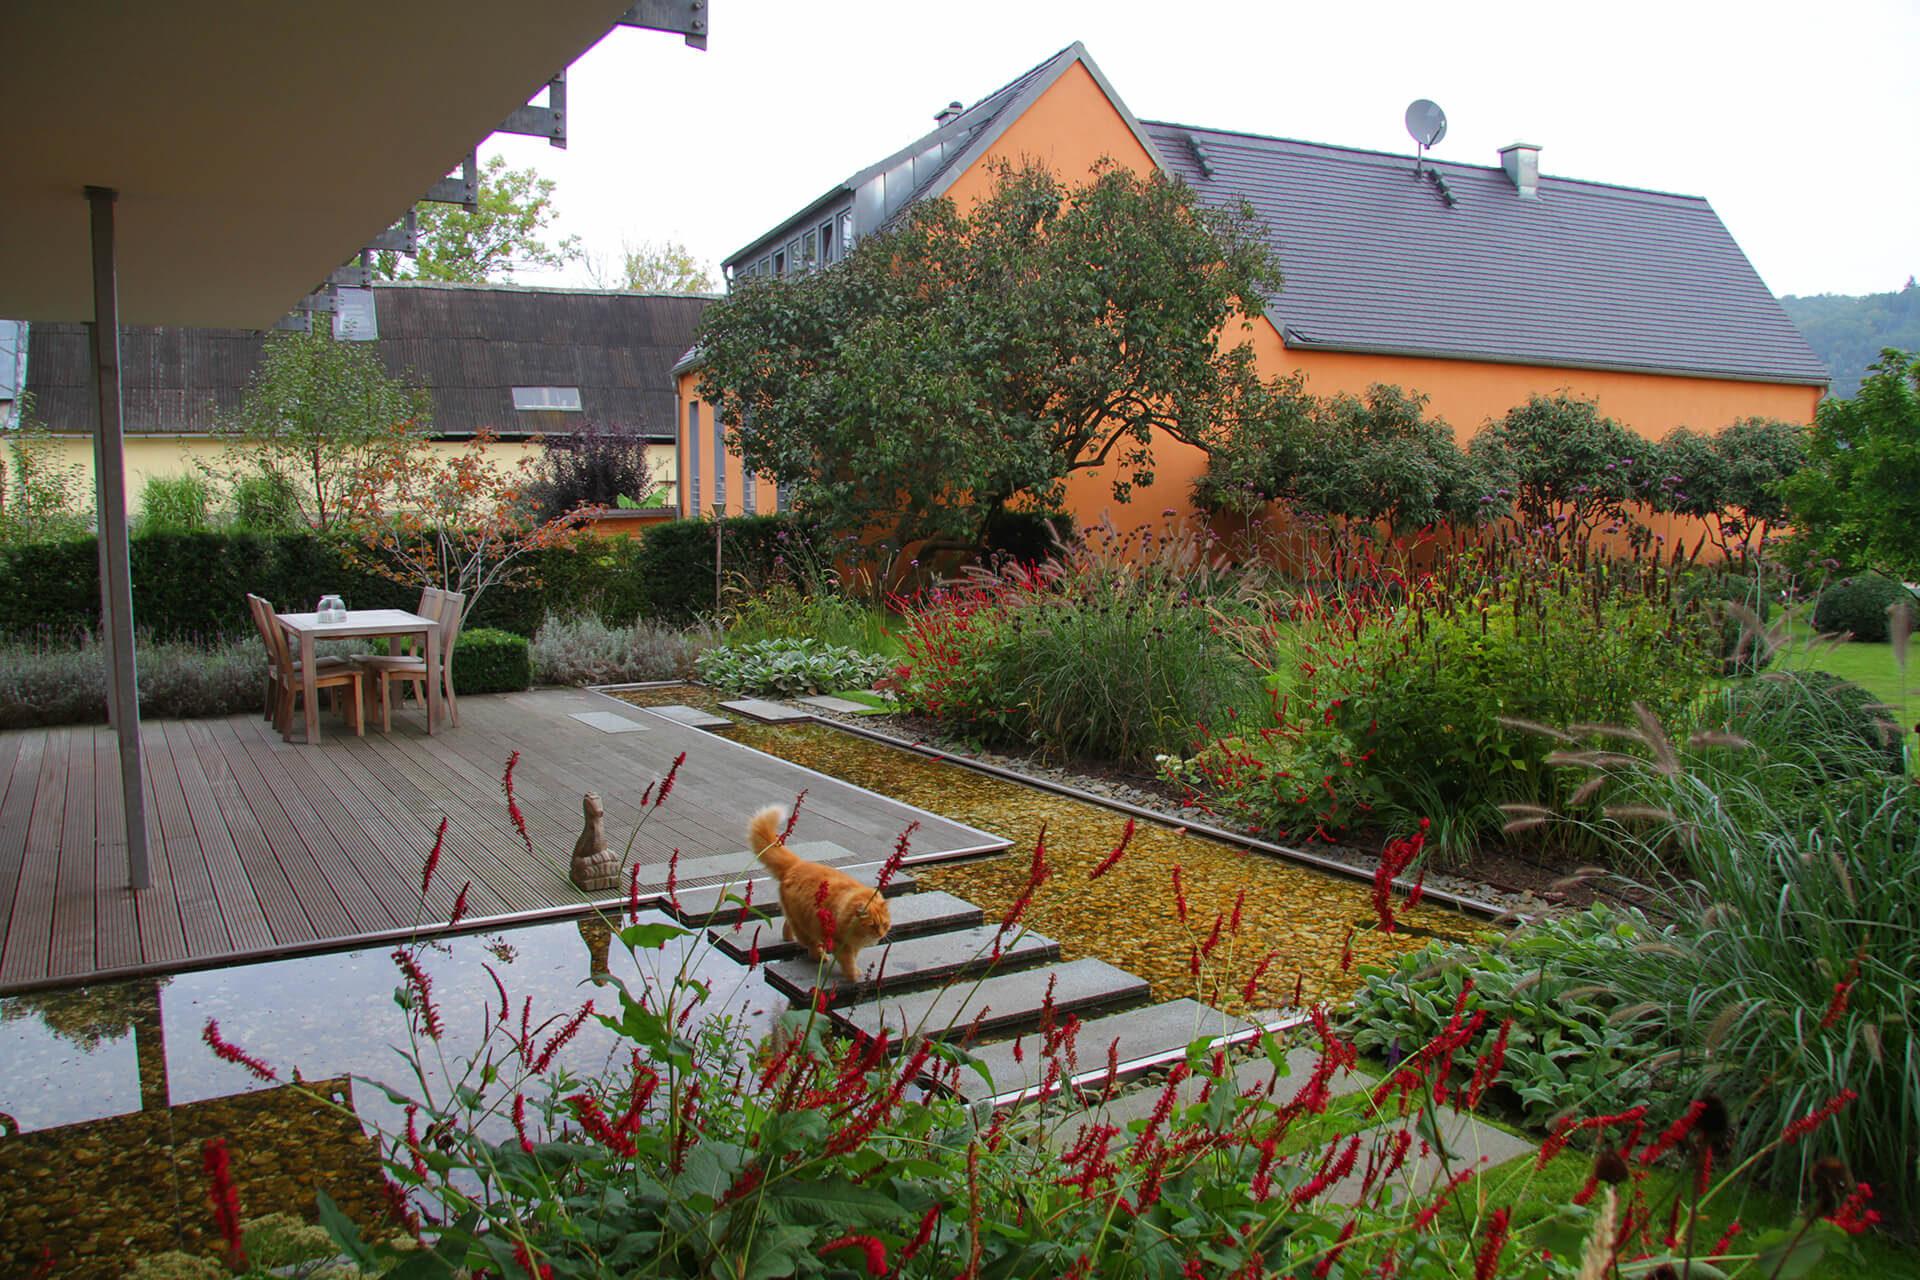 gartenmanufaktur-nuessler-garten-dresden-terrasse-holz-wasserbecken-kies-stauden